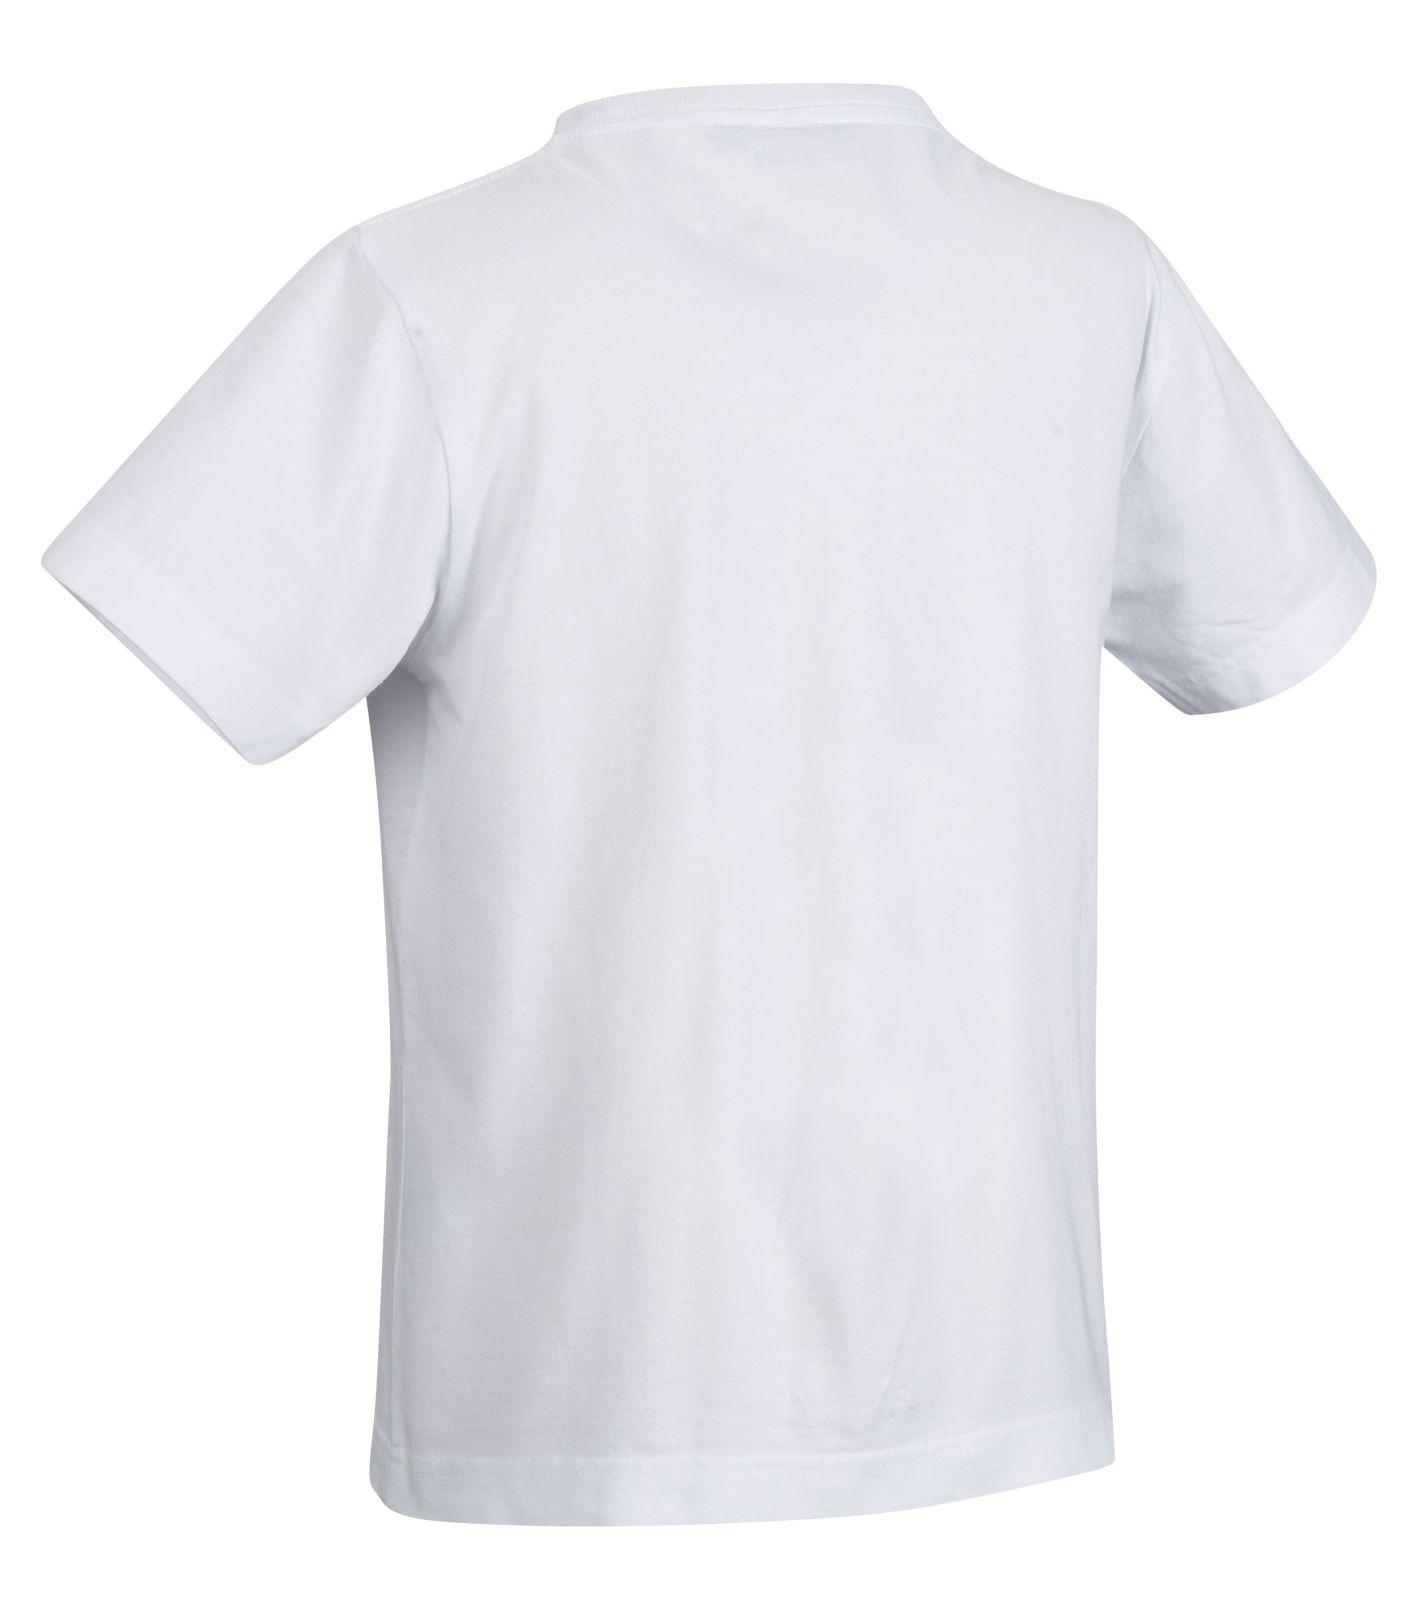 Blaklader Kinderkleding 88021030 wit(1000)